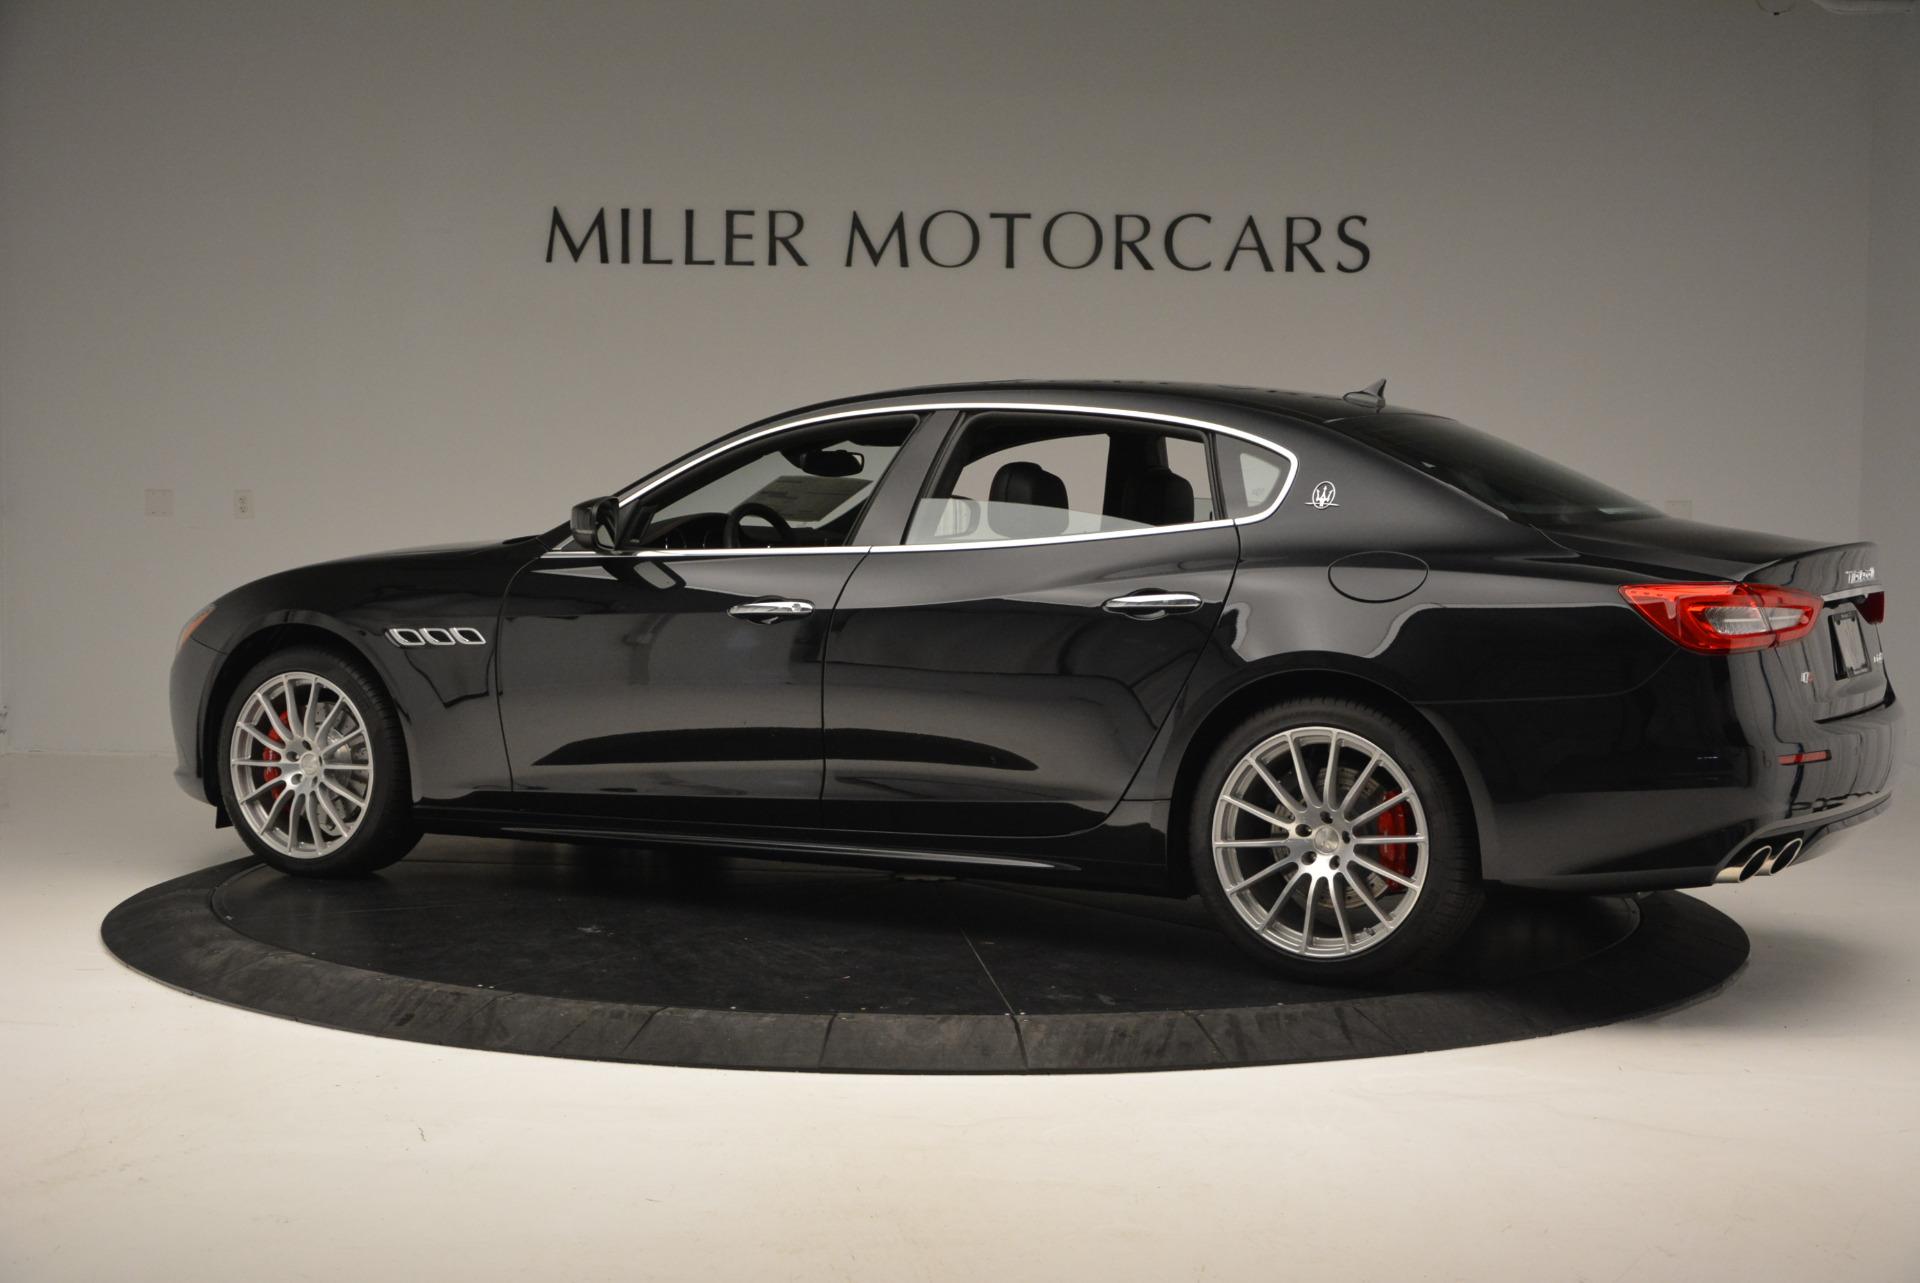 New 2017 Maserati Quattroporte S Q4 GranLusso For Sale In Greenwich, CT 601_p4